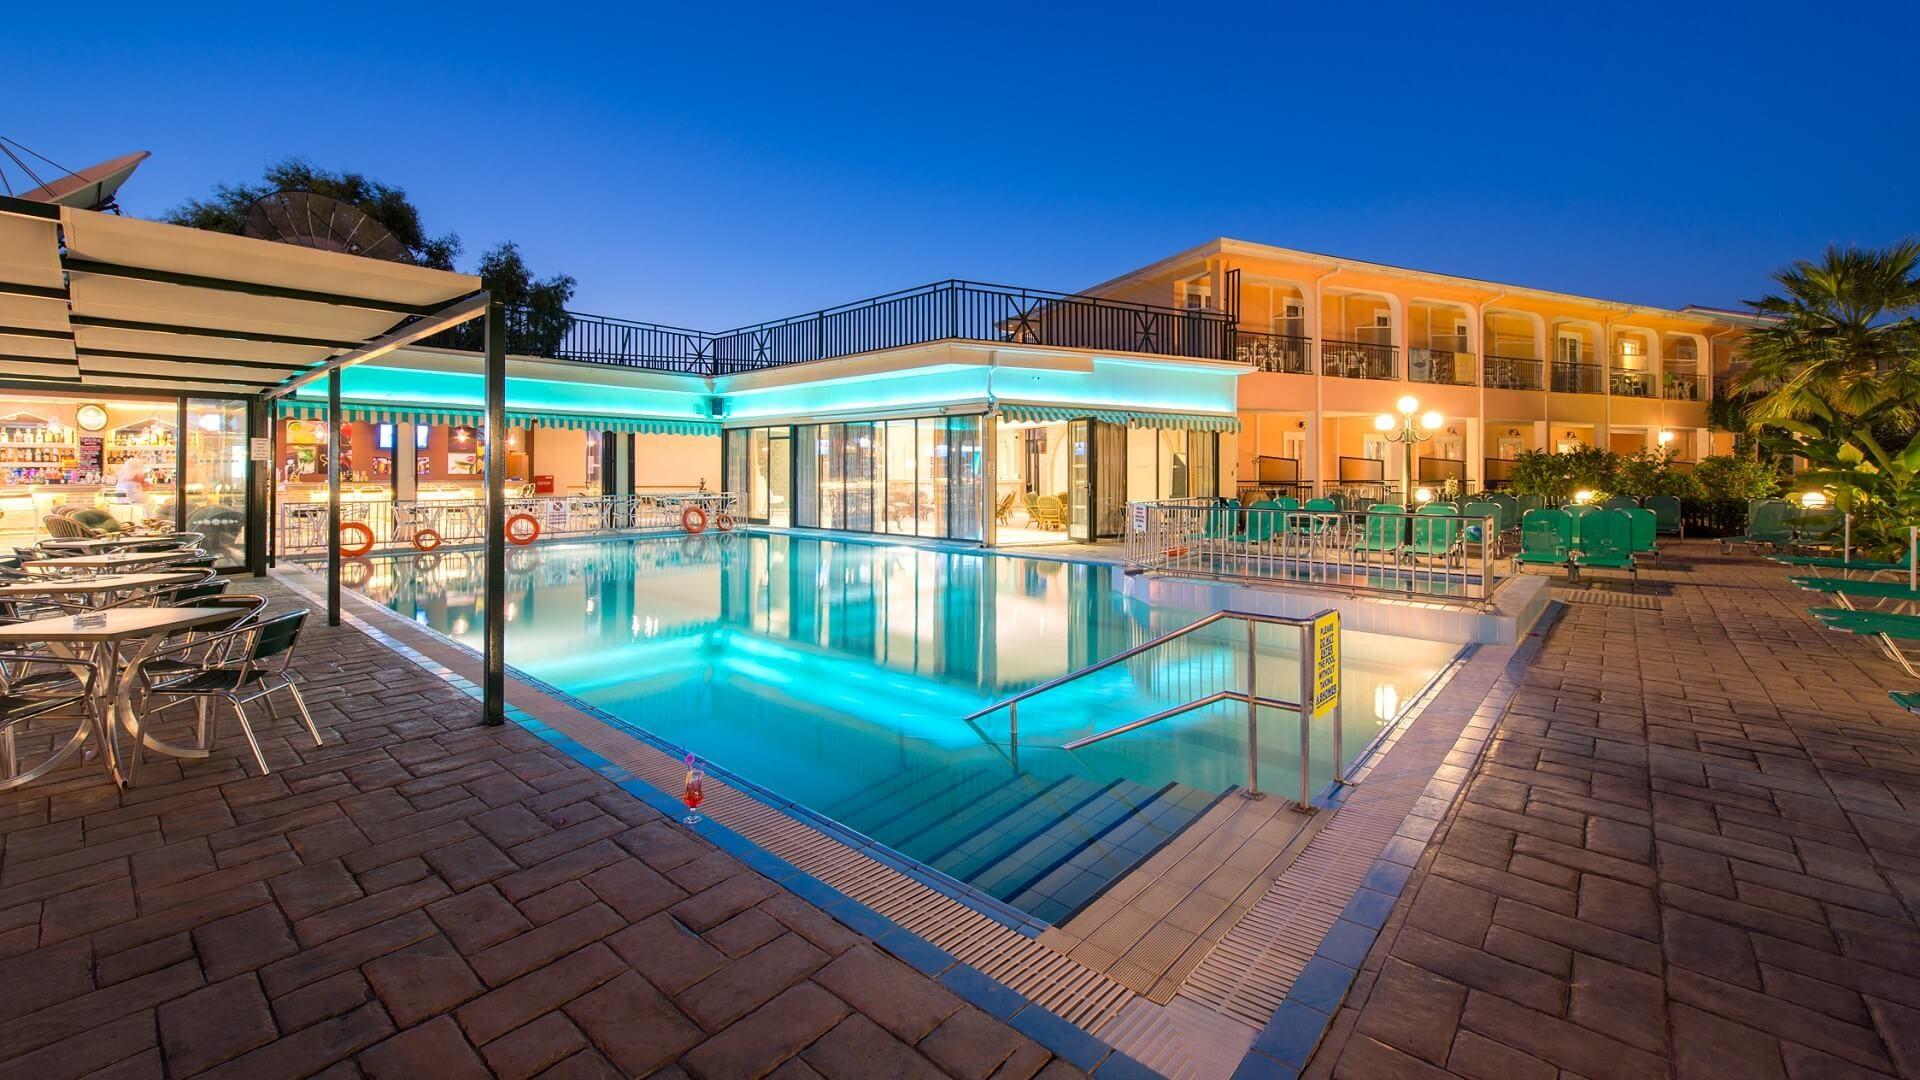 Sofias Hotel Zante Zakynthos Greece